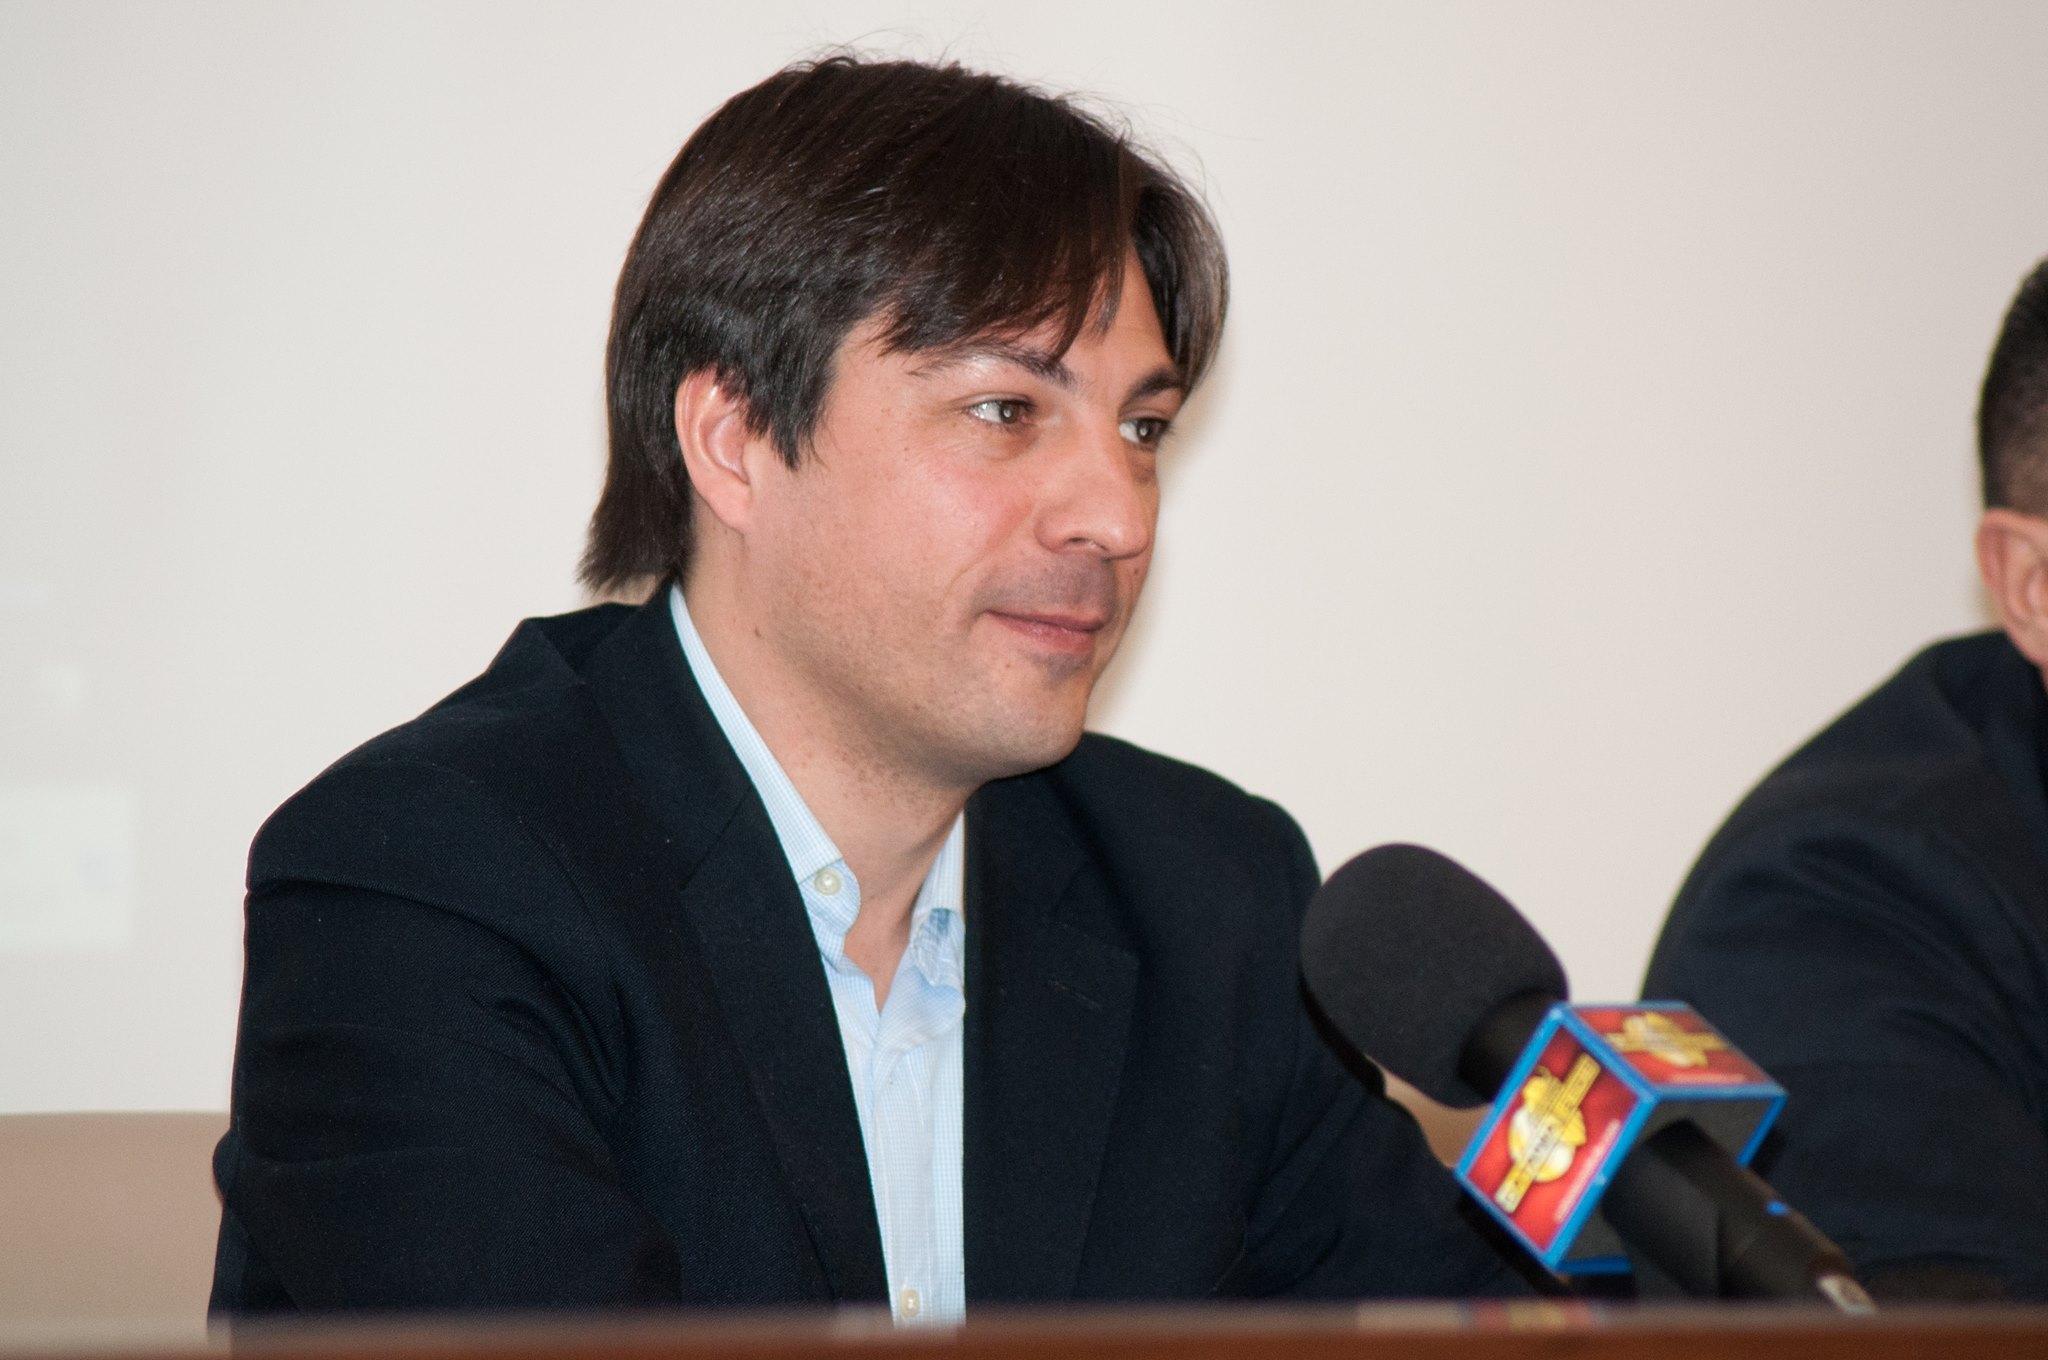 La Lega denuncia sospetti sull'inquinamento del voto a Enna